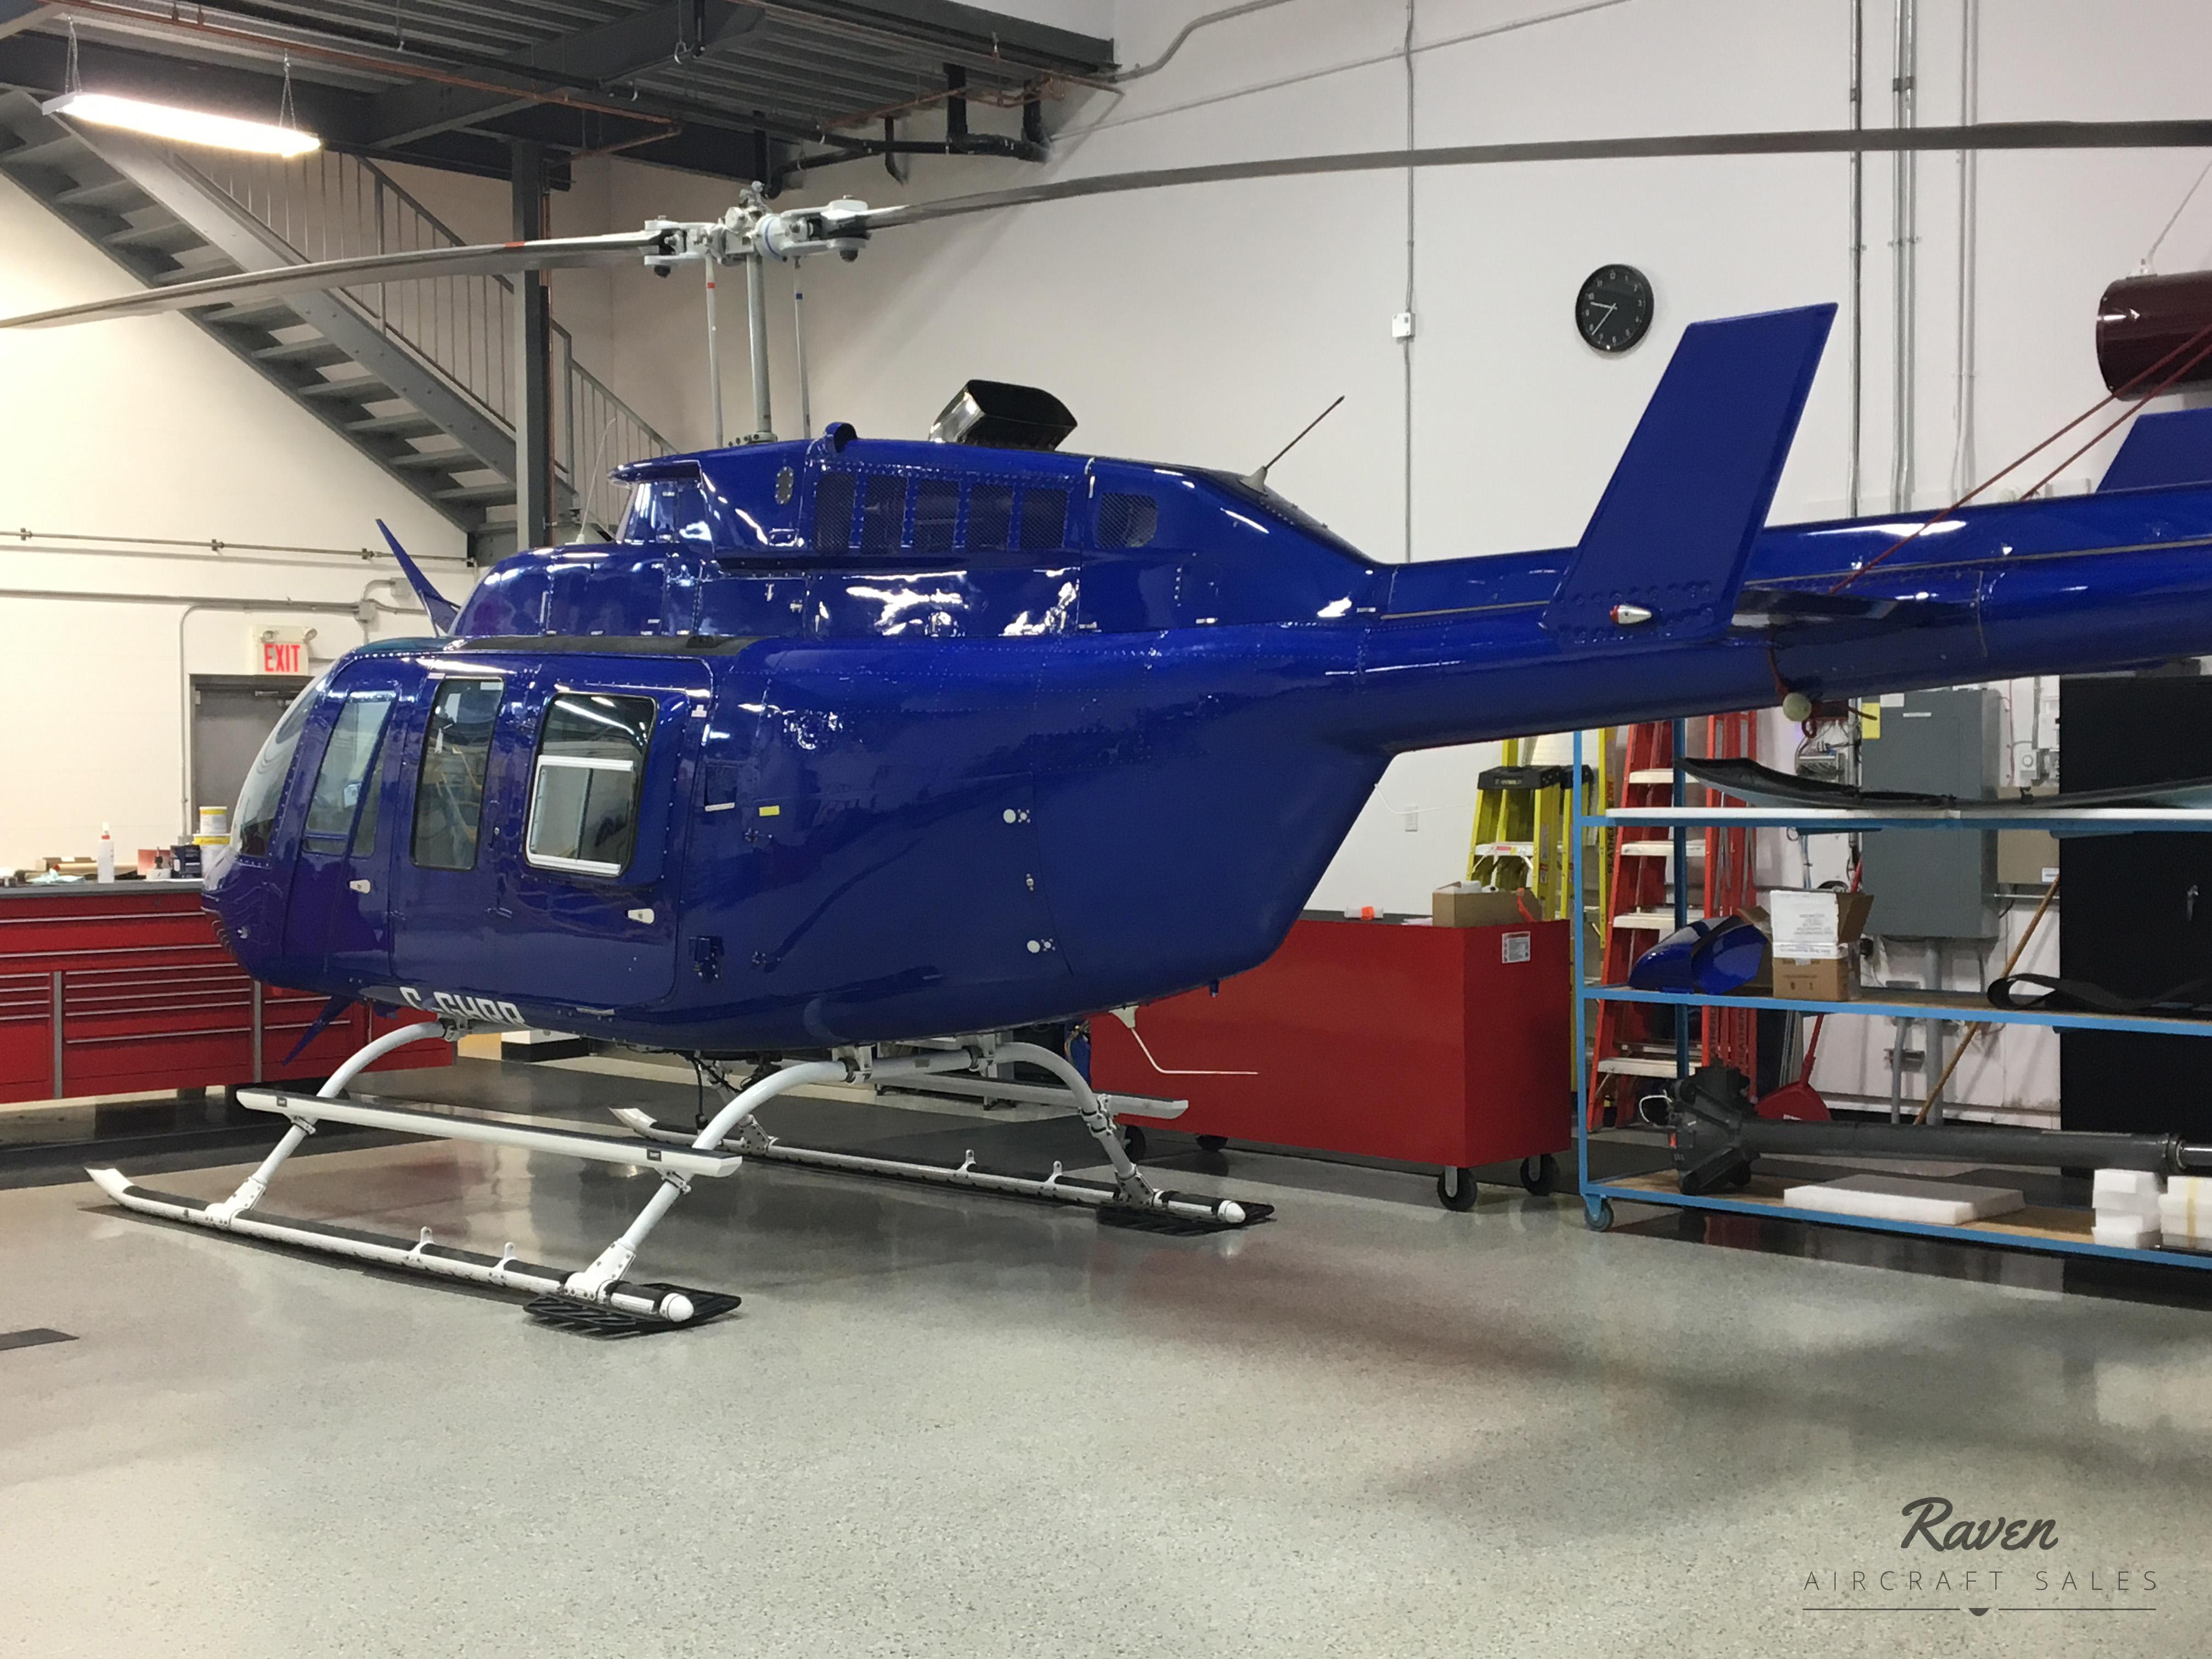 Bell 206L4 Rear port Exterior